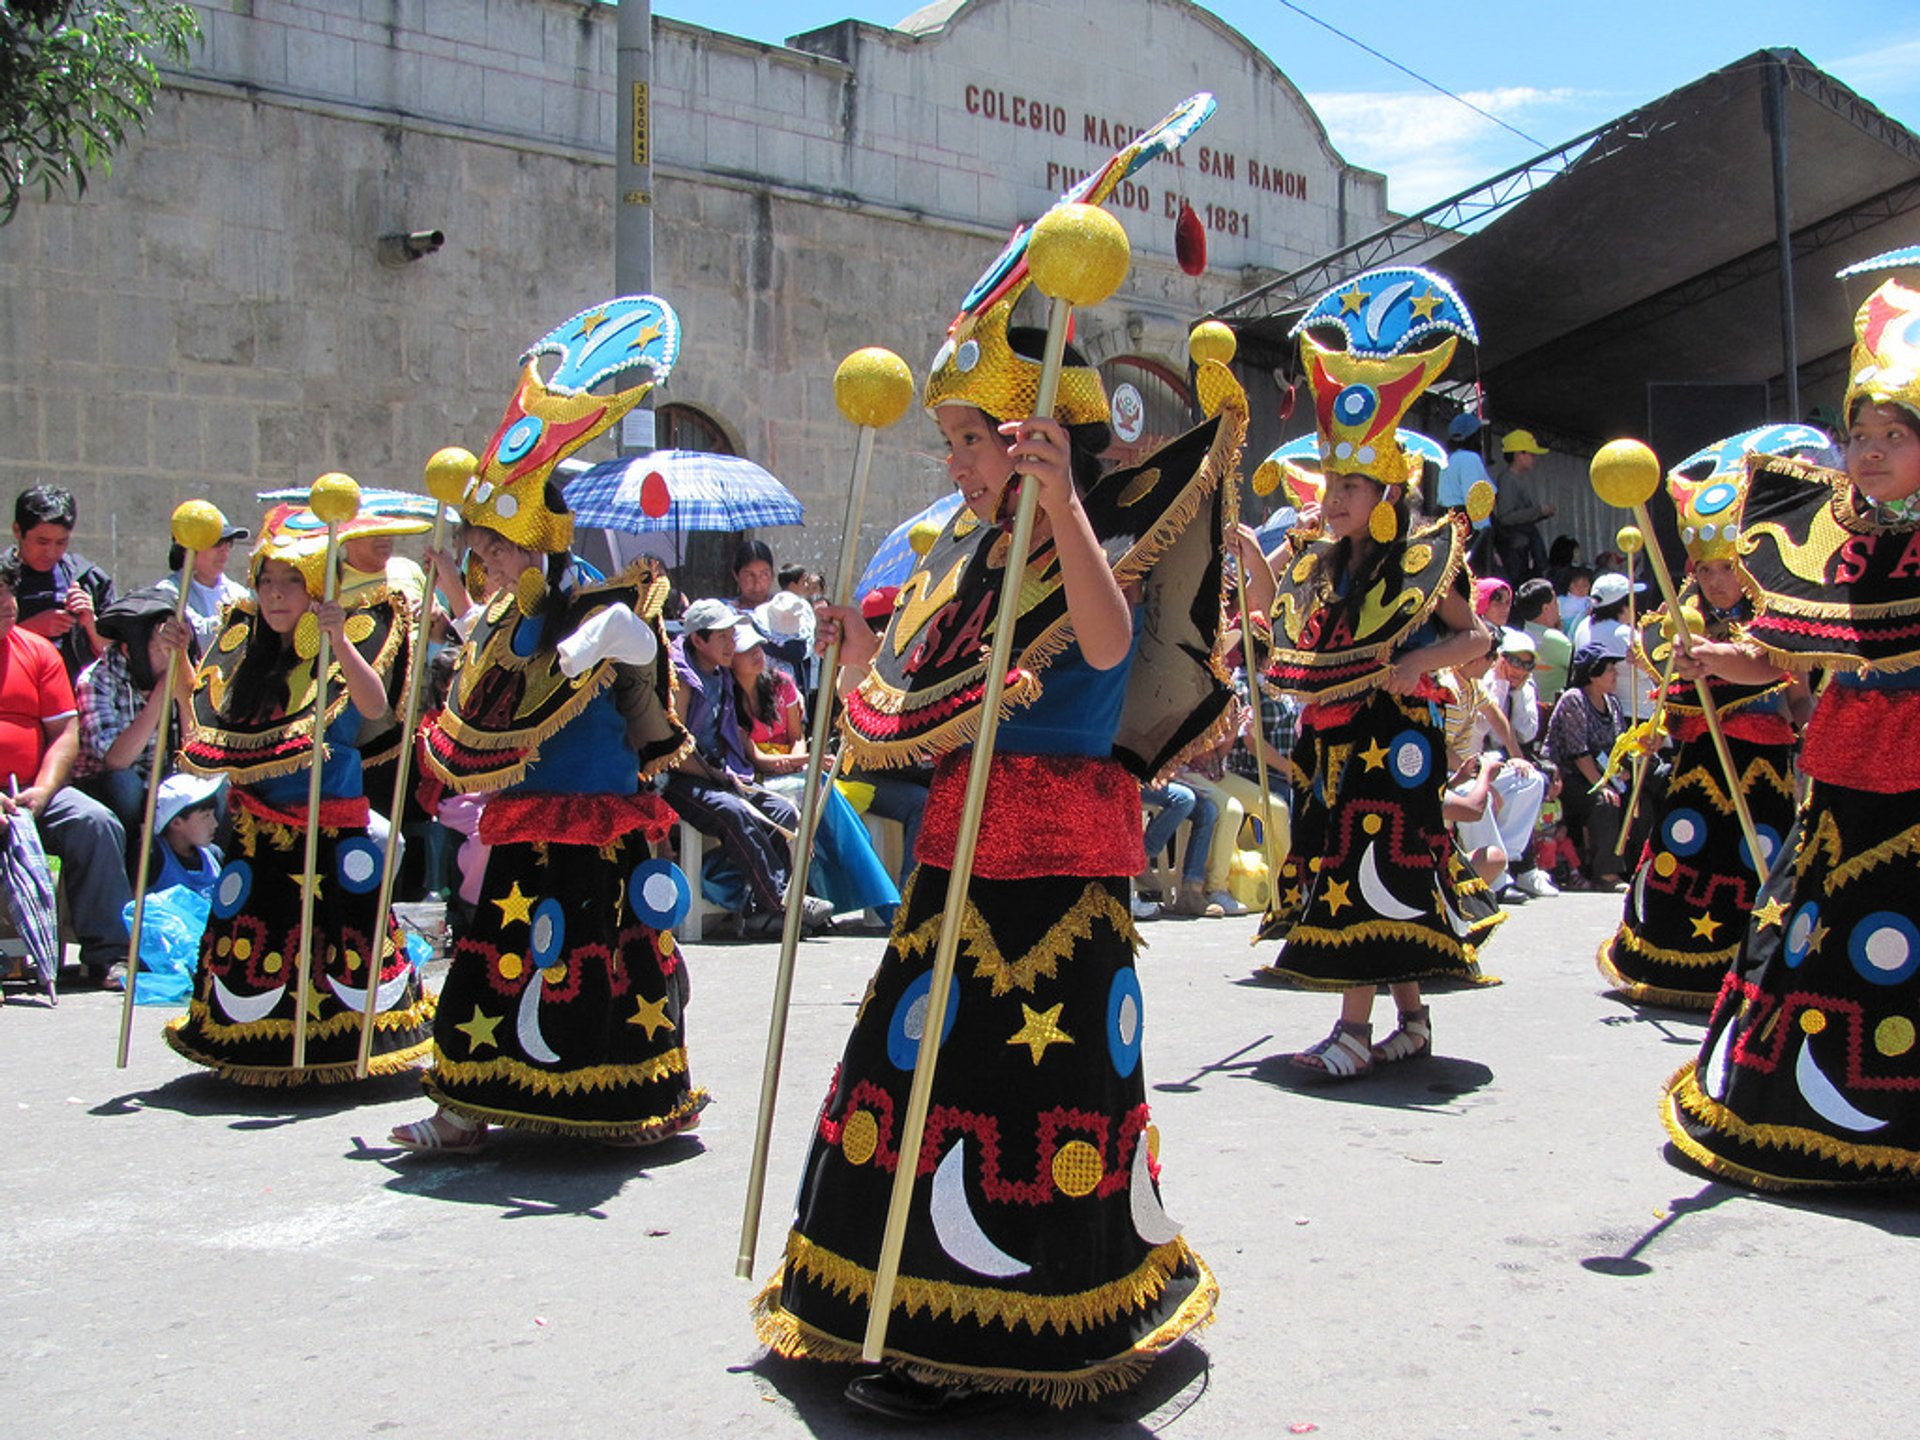 Cajamarca Carnival (Carnaval de Cajamarca) in Peru 2020 - Best Time